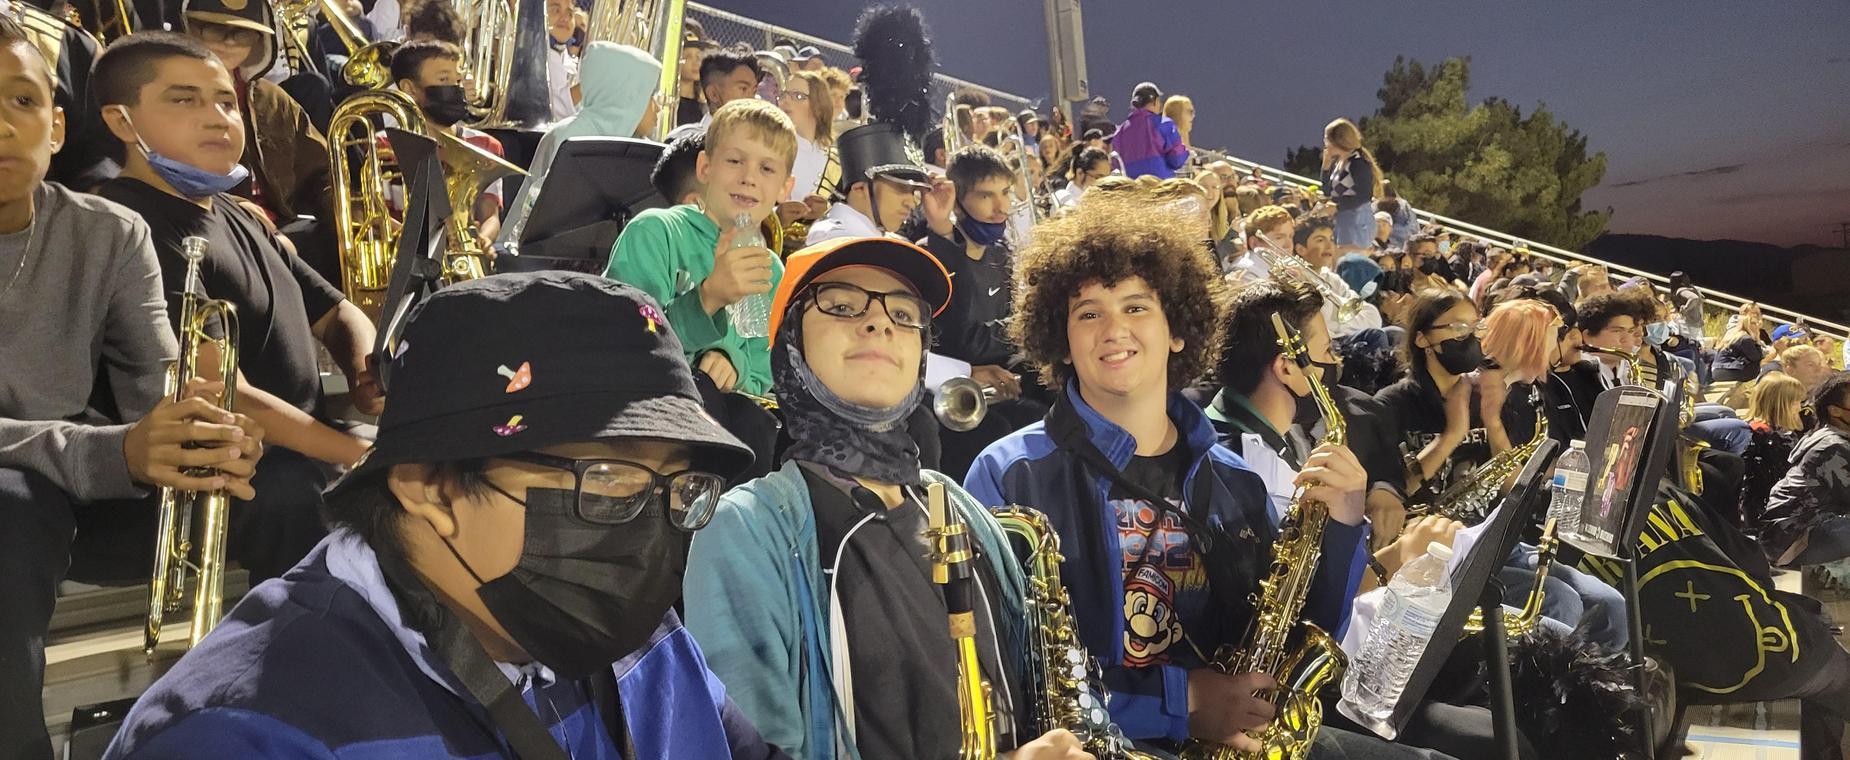 Heritage Band